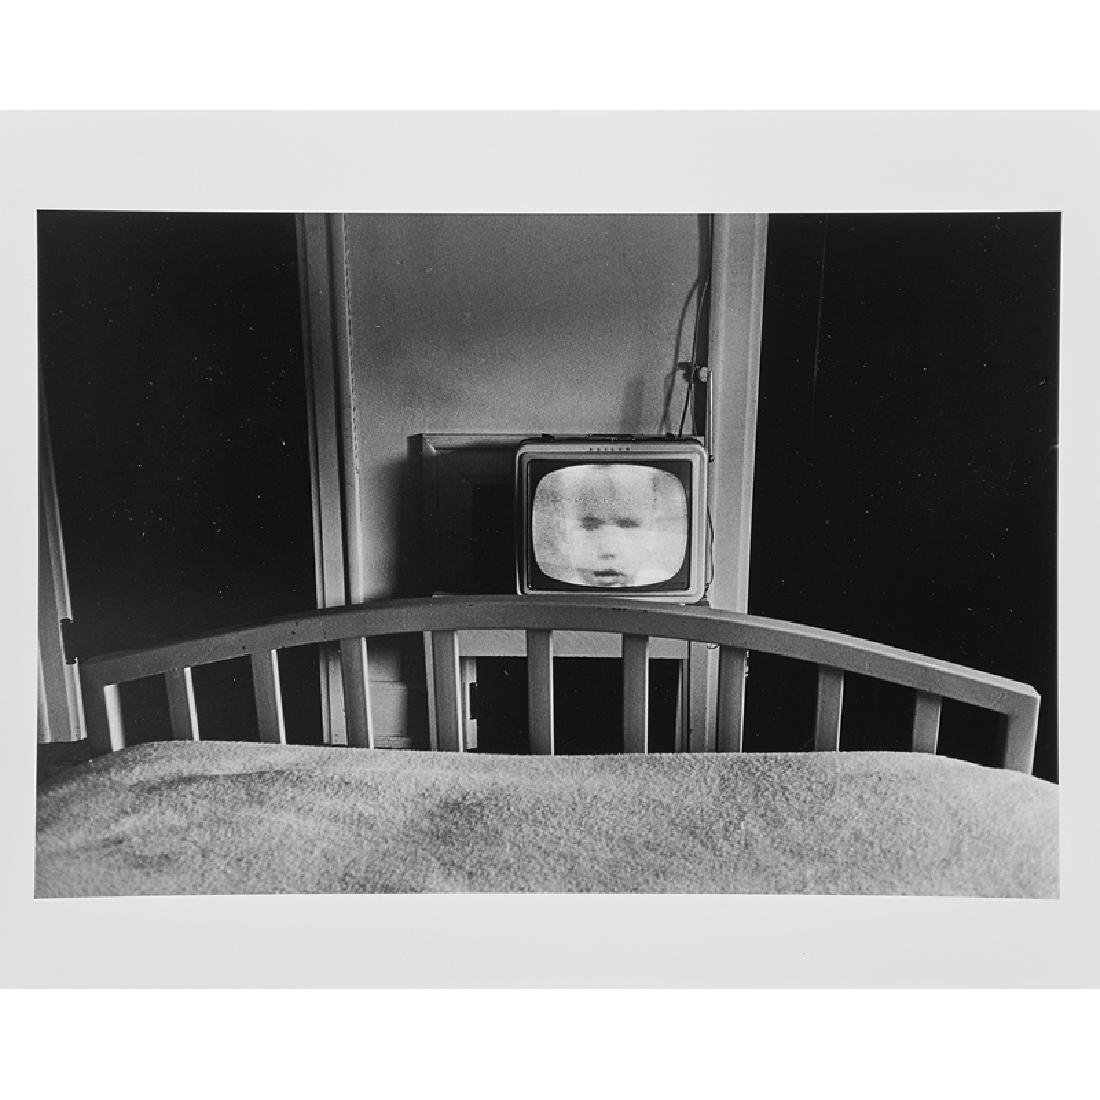 Lee Friedlander (American, b. 1934) - 2